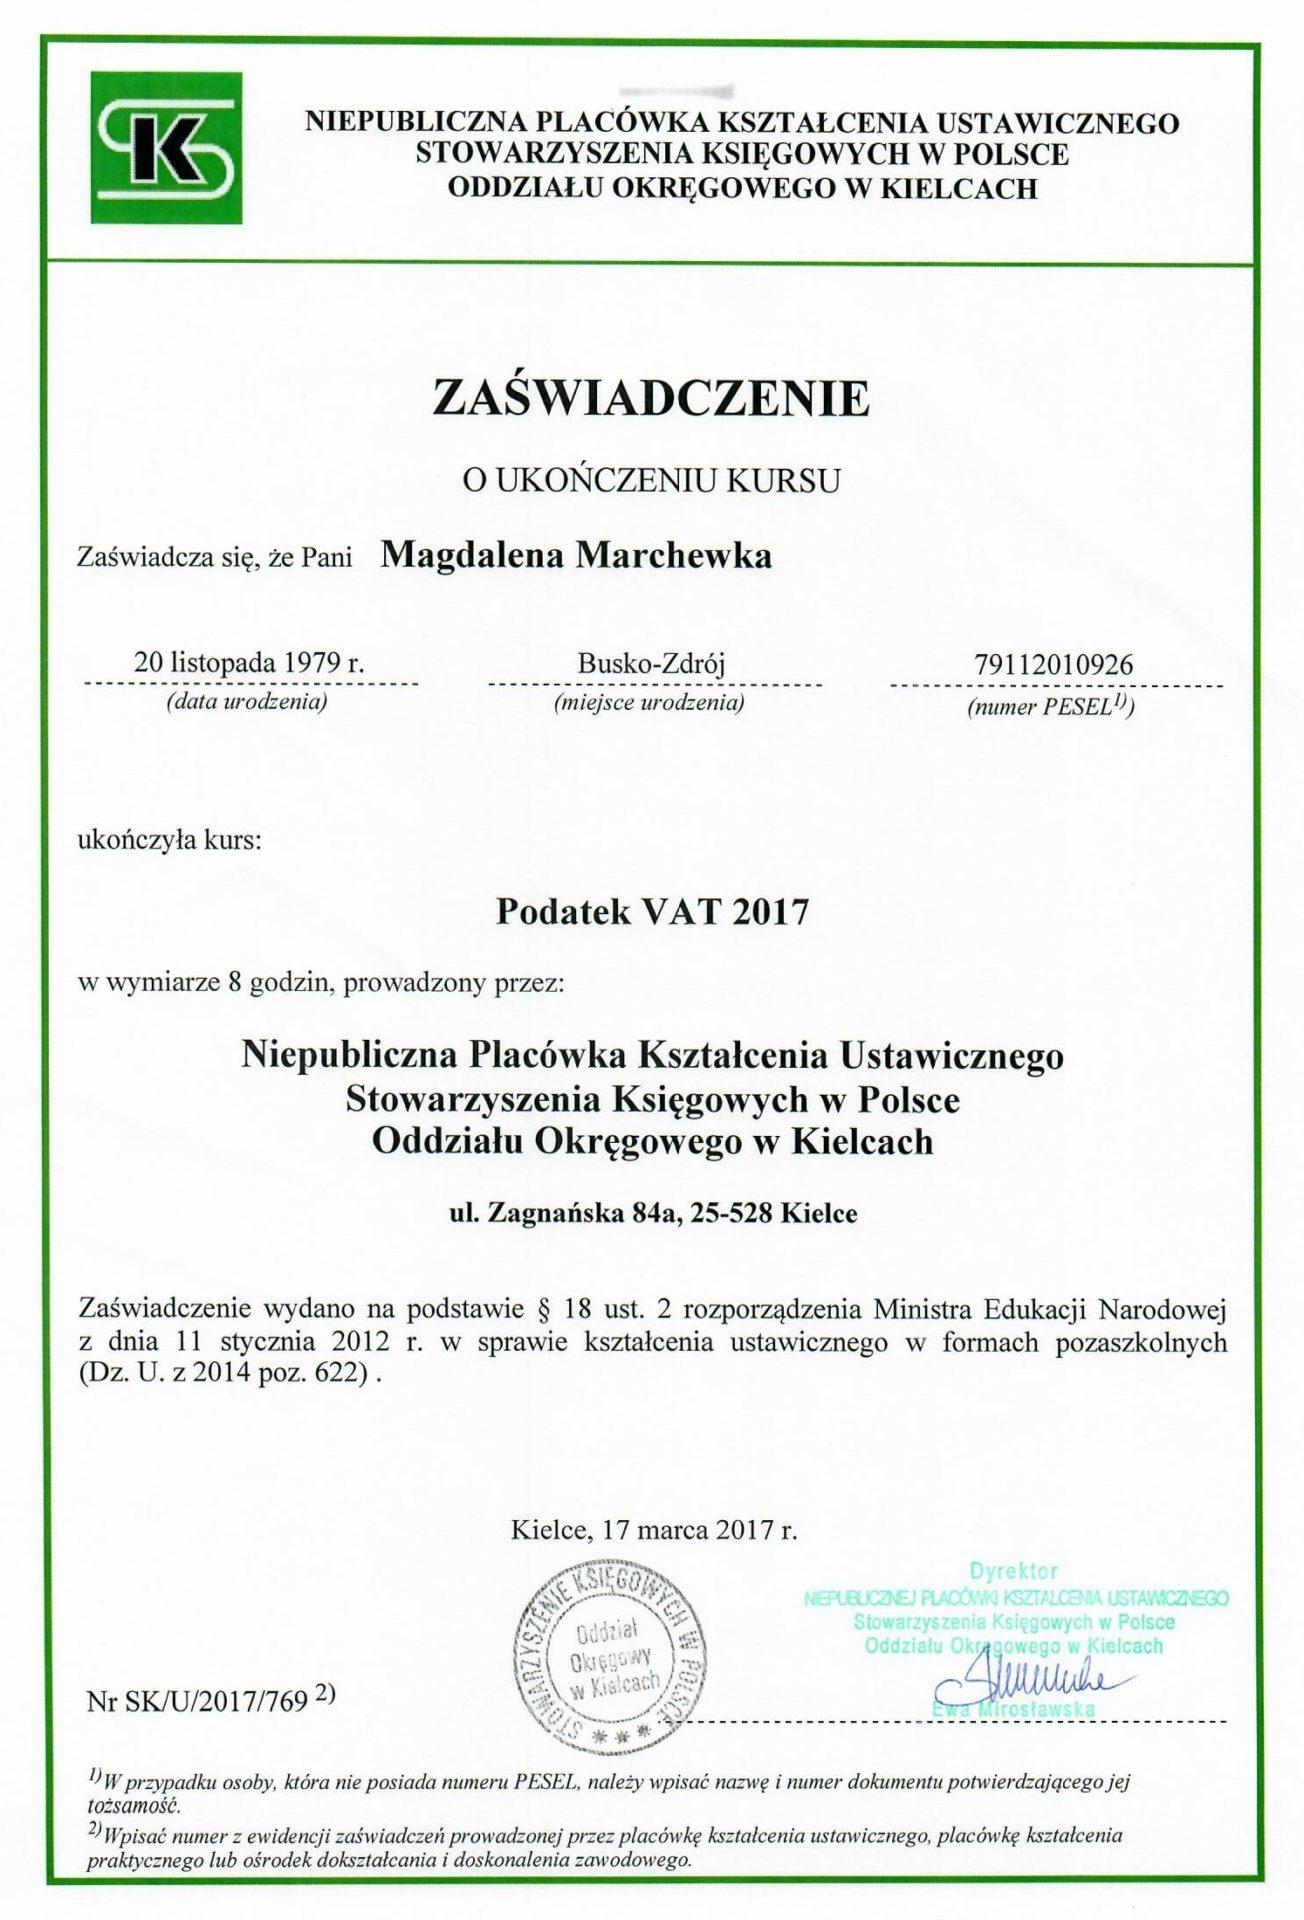 Zaświadczenie o ukończeniu kursu. Podatek VAT 2017